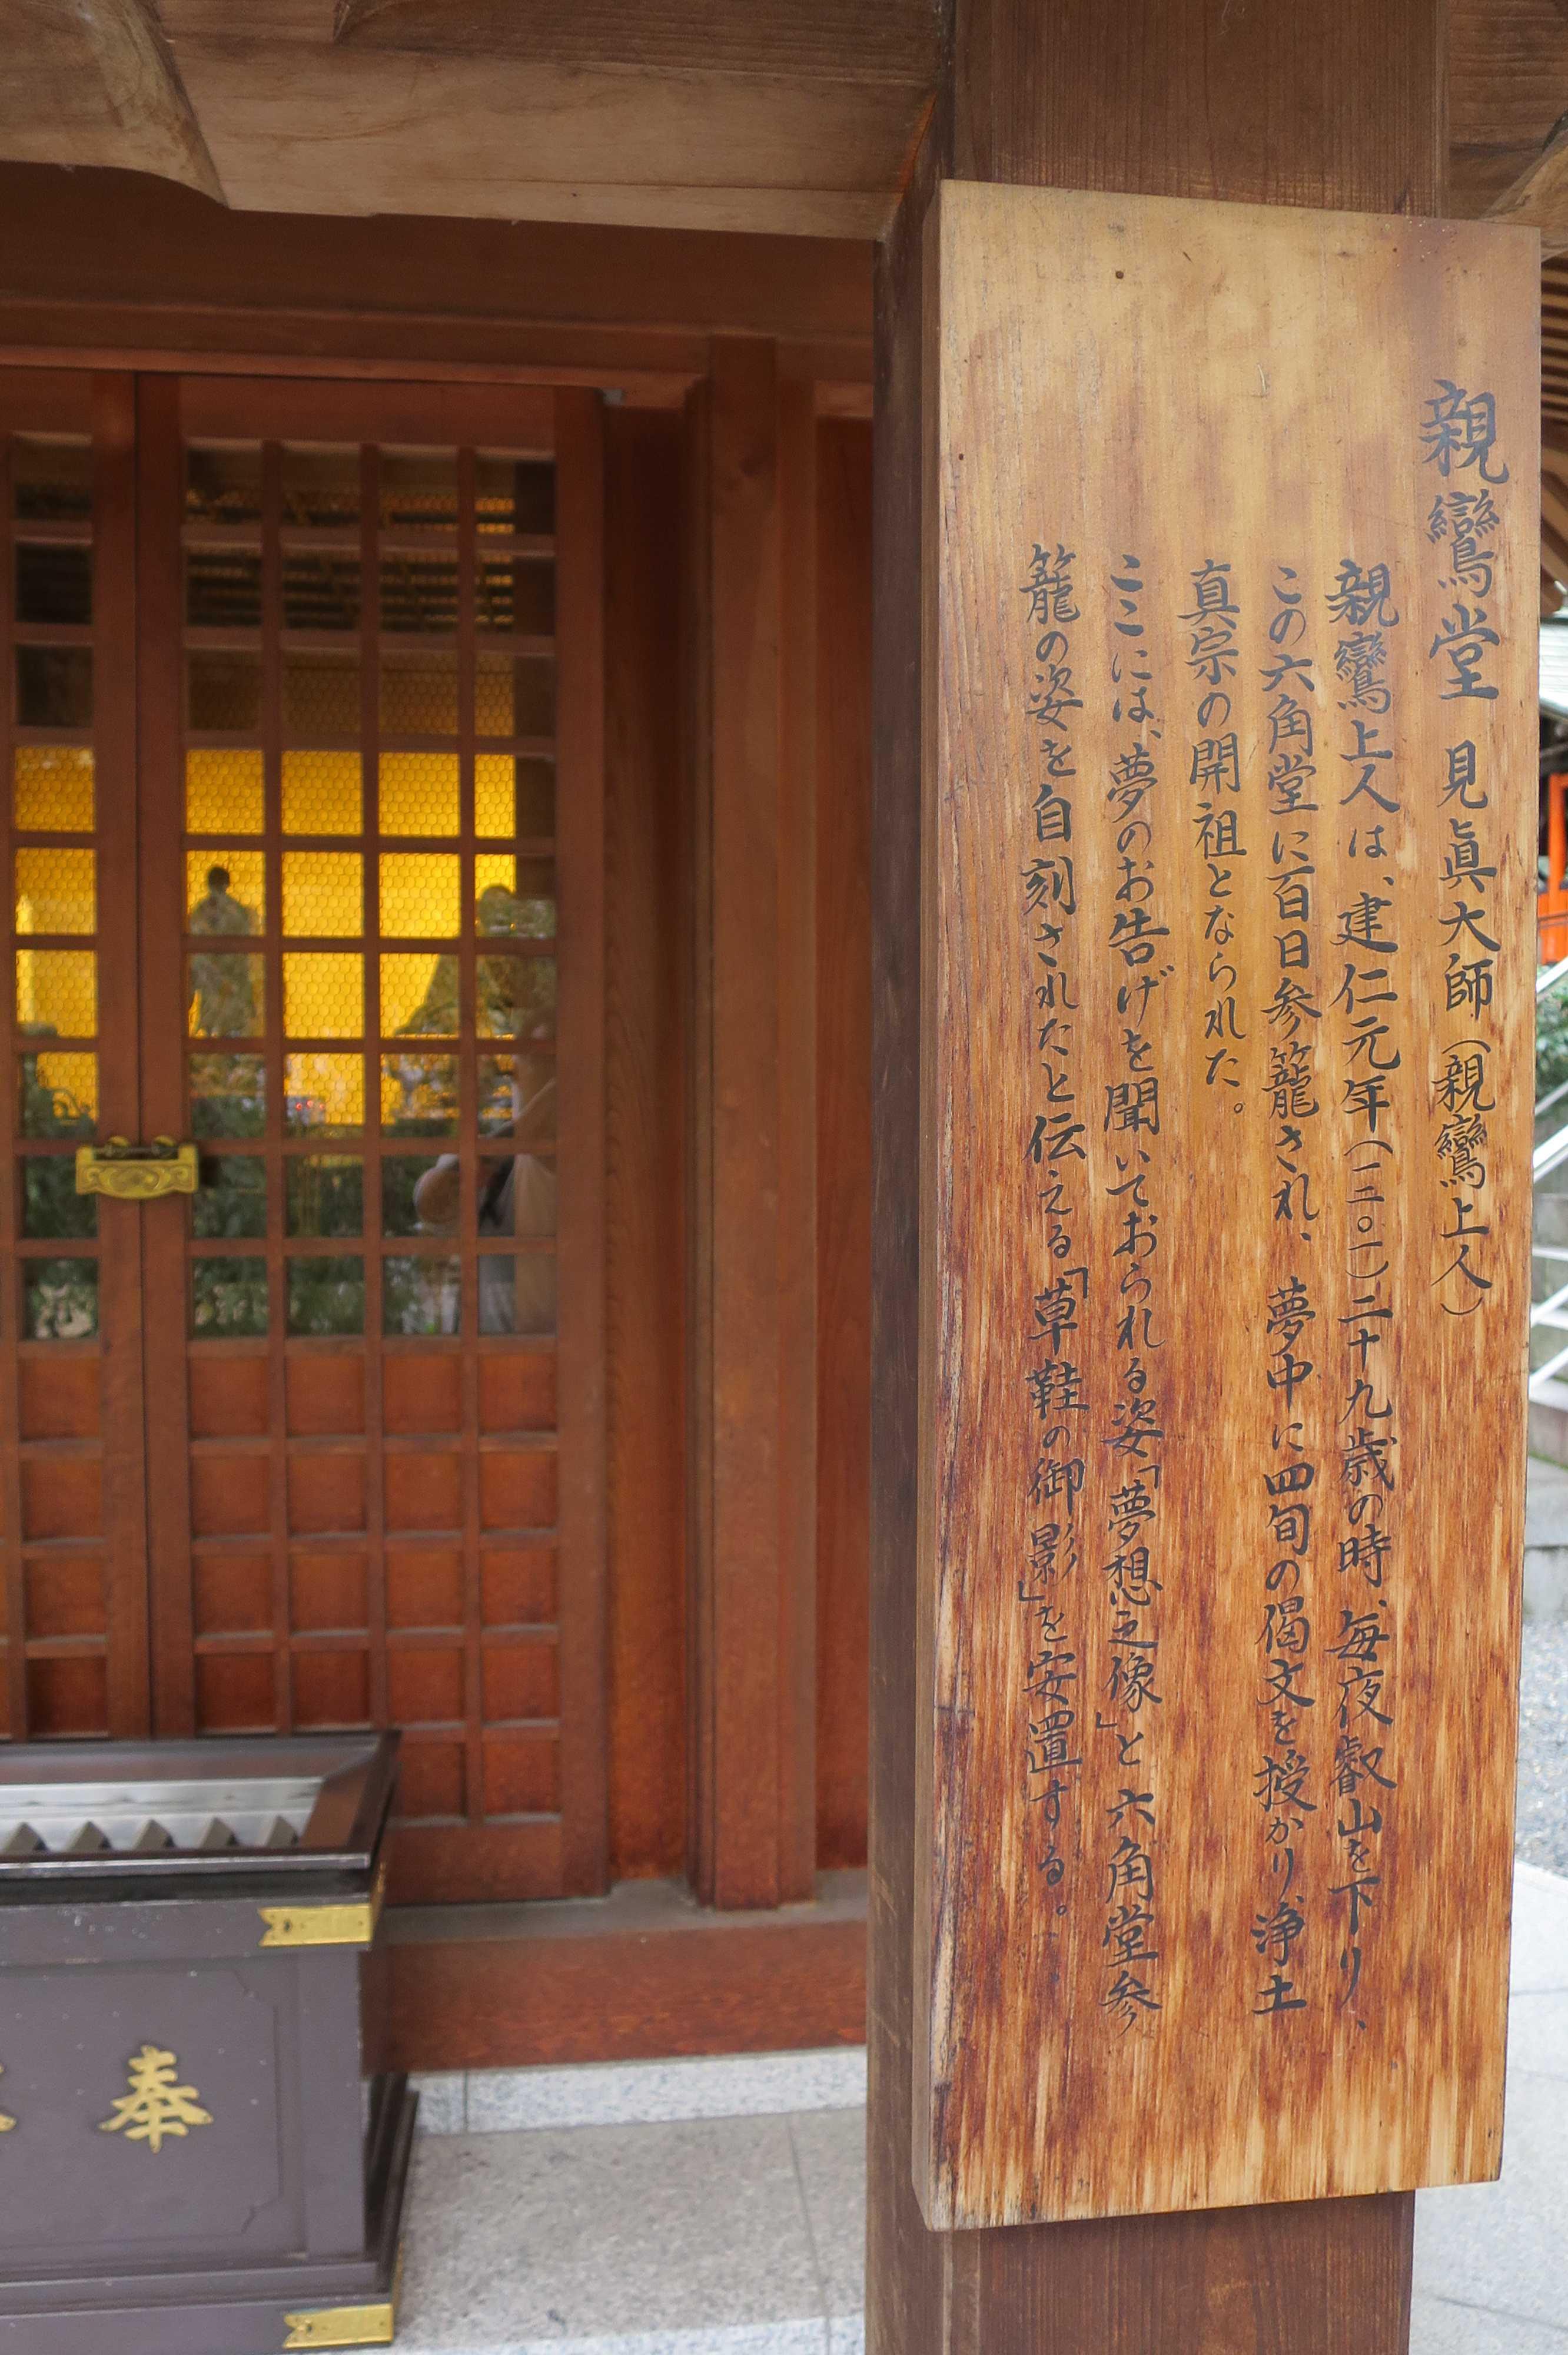 京都・六角堂 - 親鸞堂 見眞大師(親鸞上人)の案内板